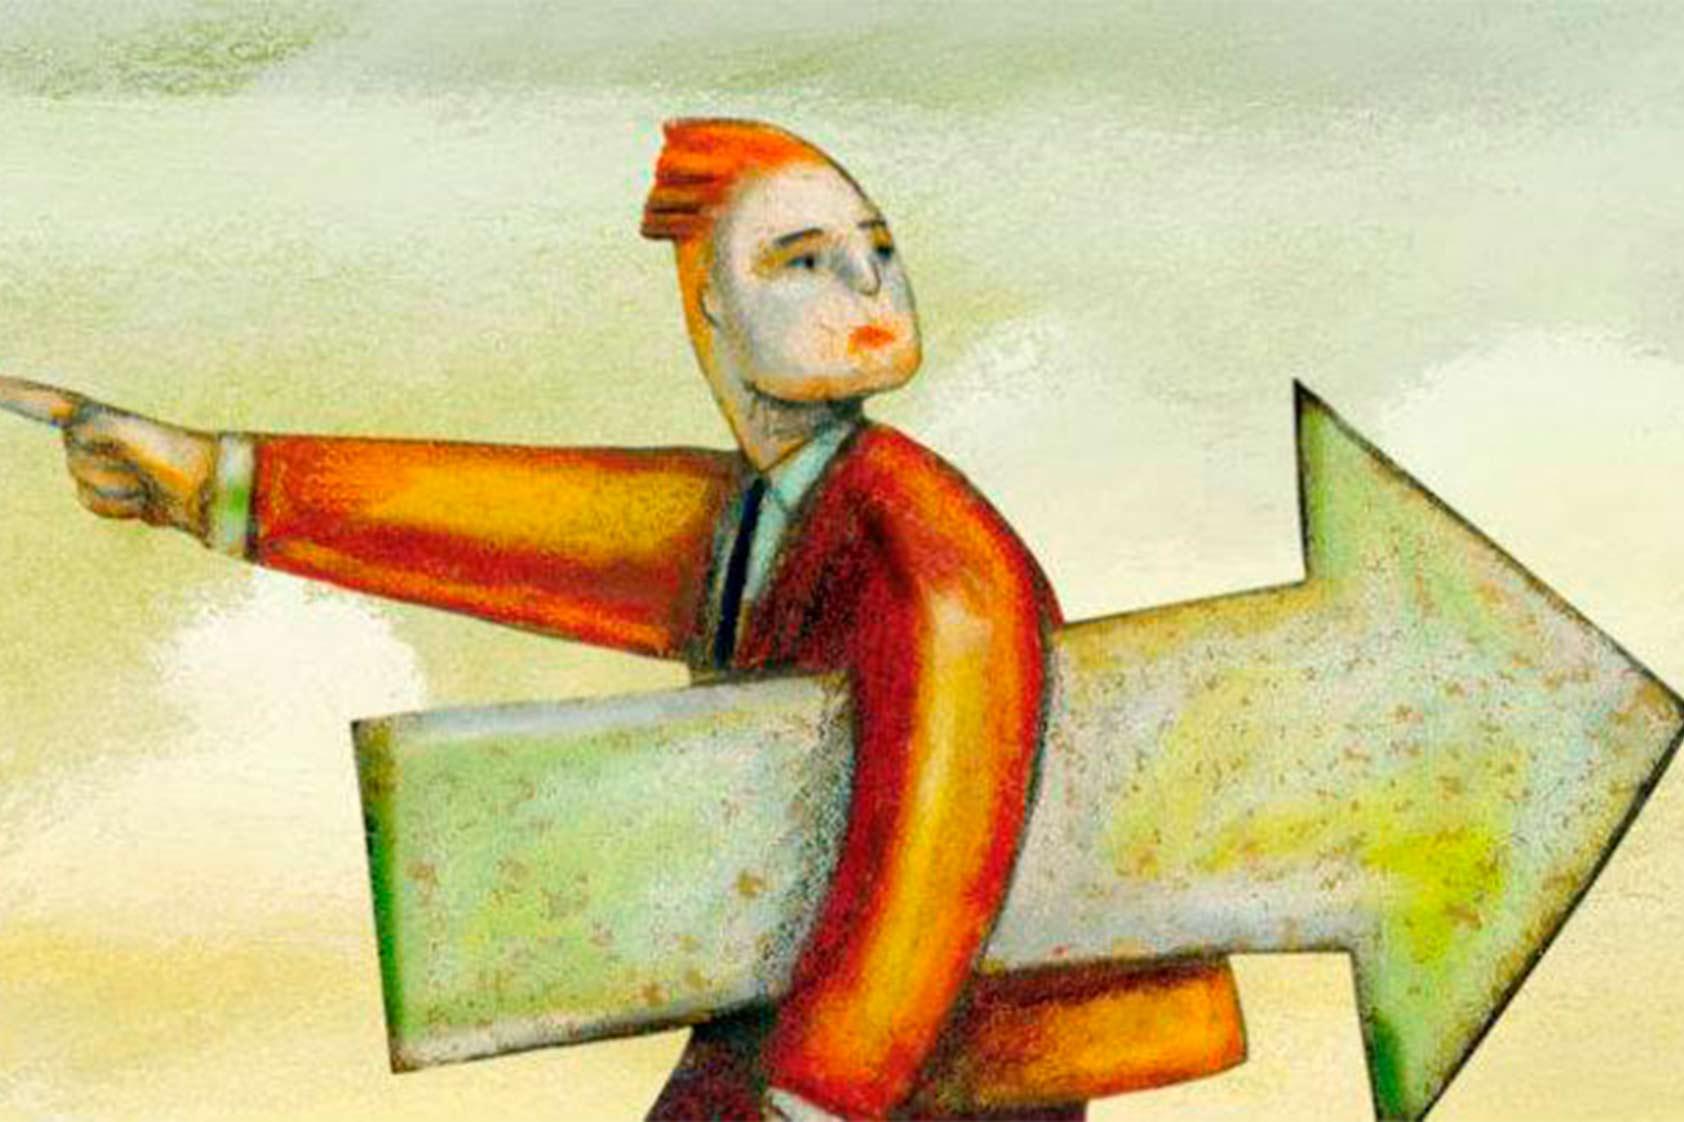 Disonancia cognitiva: ¿Qué tan coherente eres con lo que piensas, dices y haces?